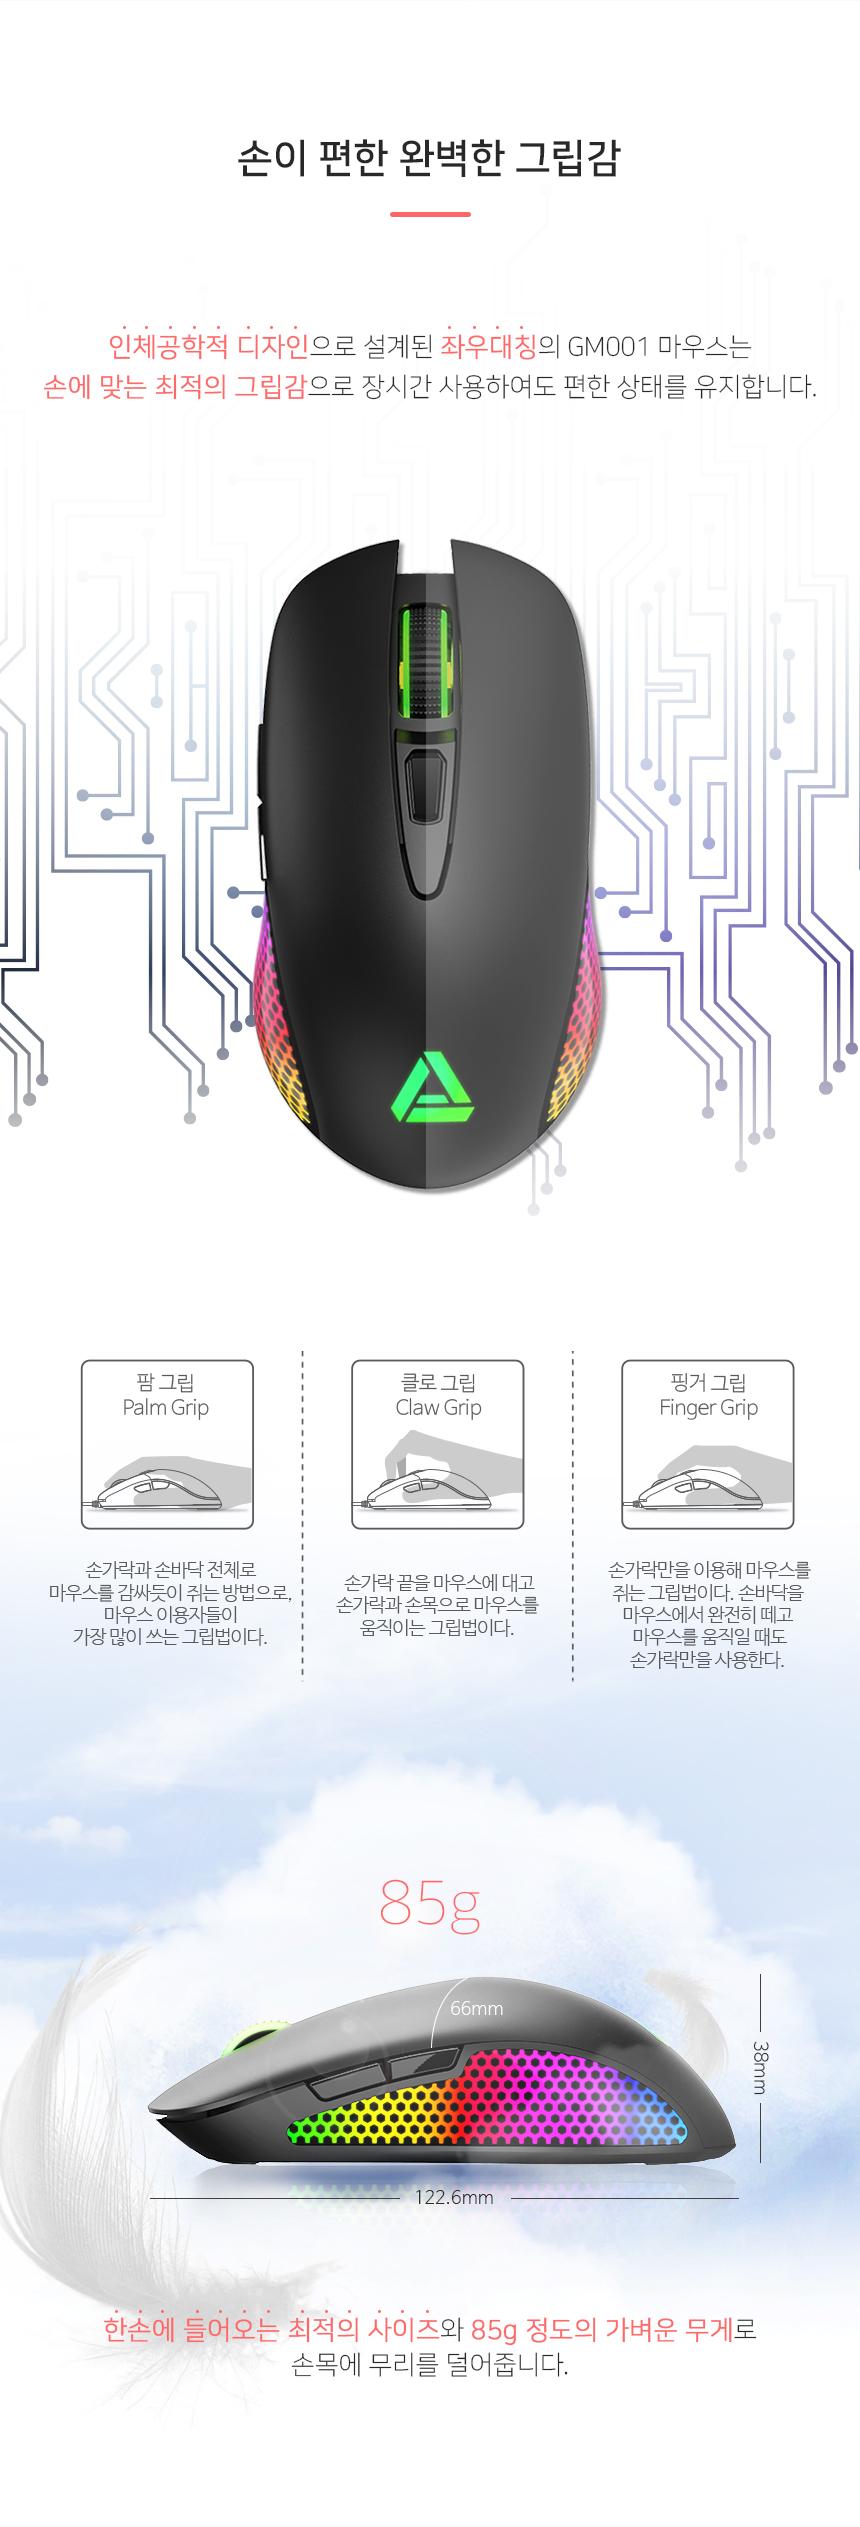 에이픽스 게이밍 마우스 GM001